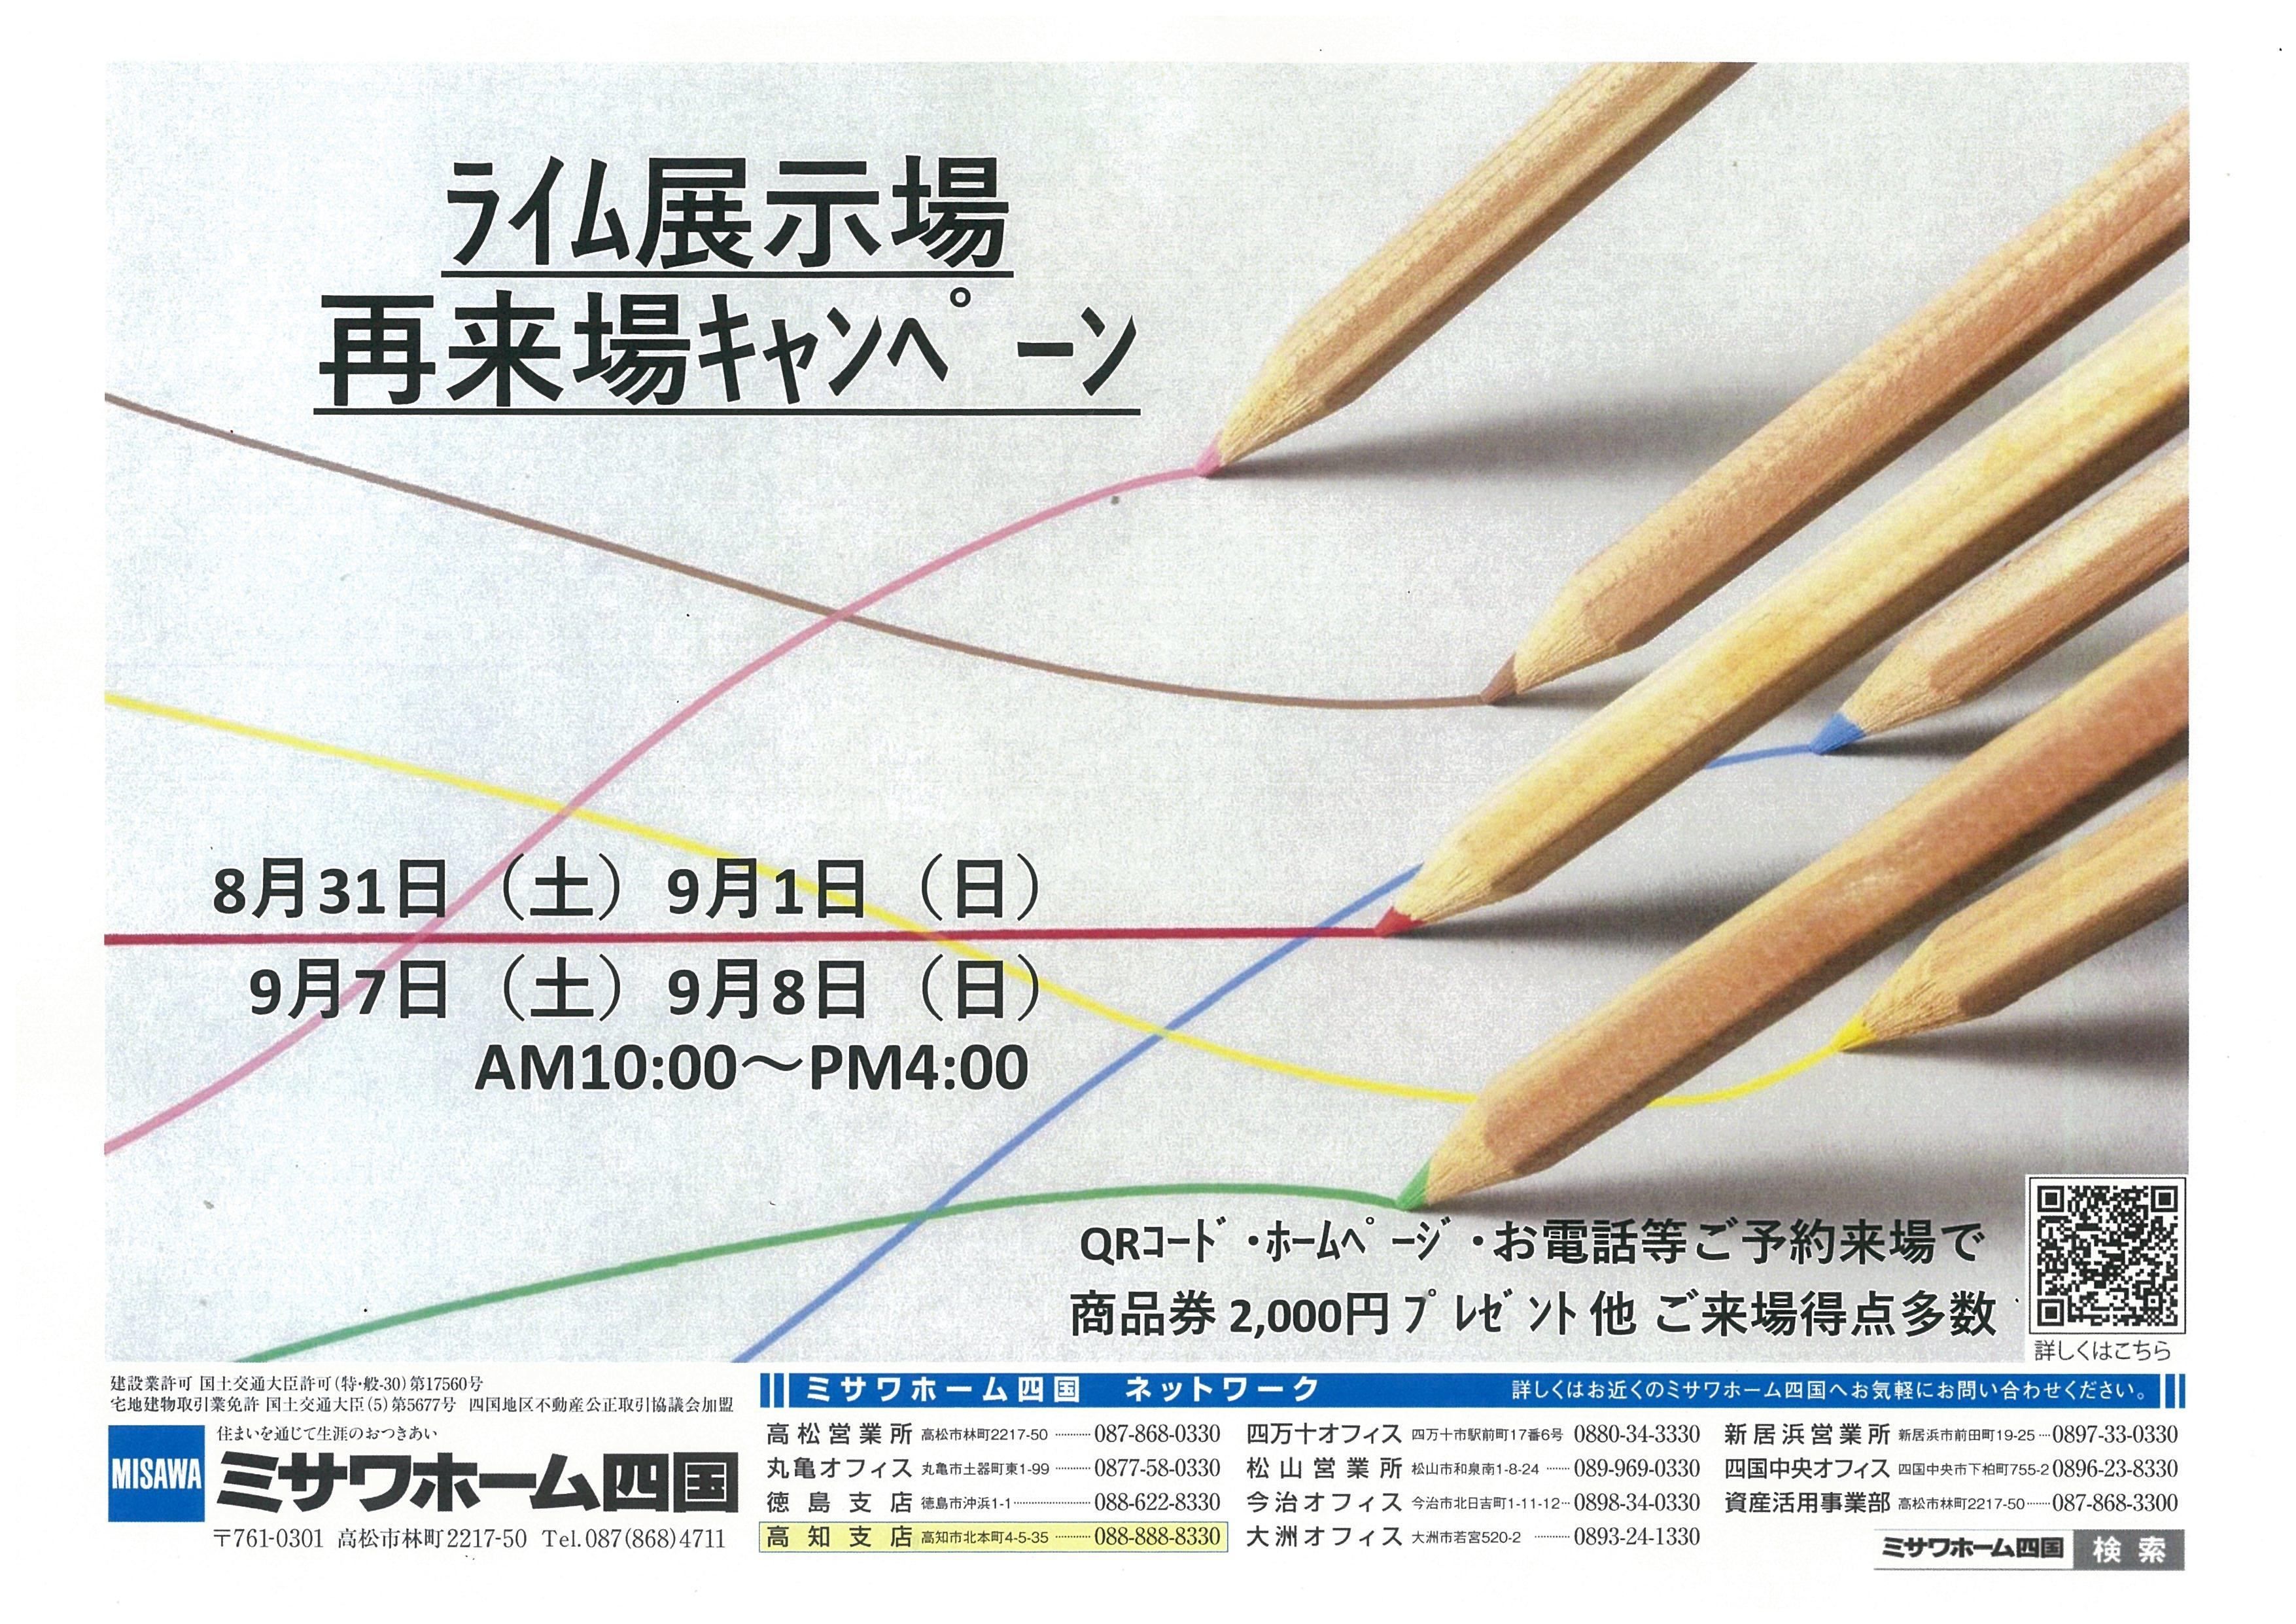 http://shikoku.misawa.co.jp/area_kouchi/1acd6e047b7ee1e9f2559d8152e8a68d2a50515a.jpg